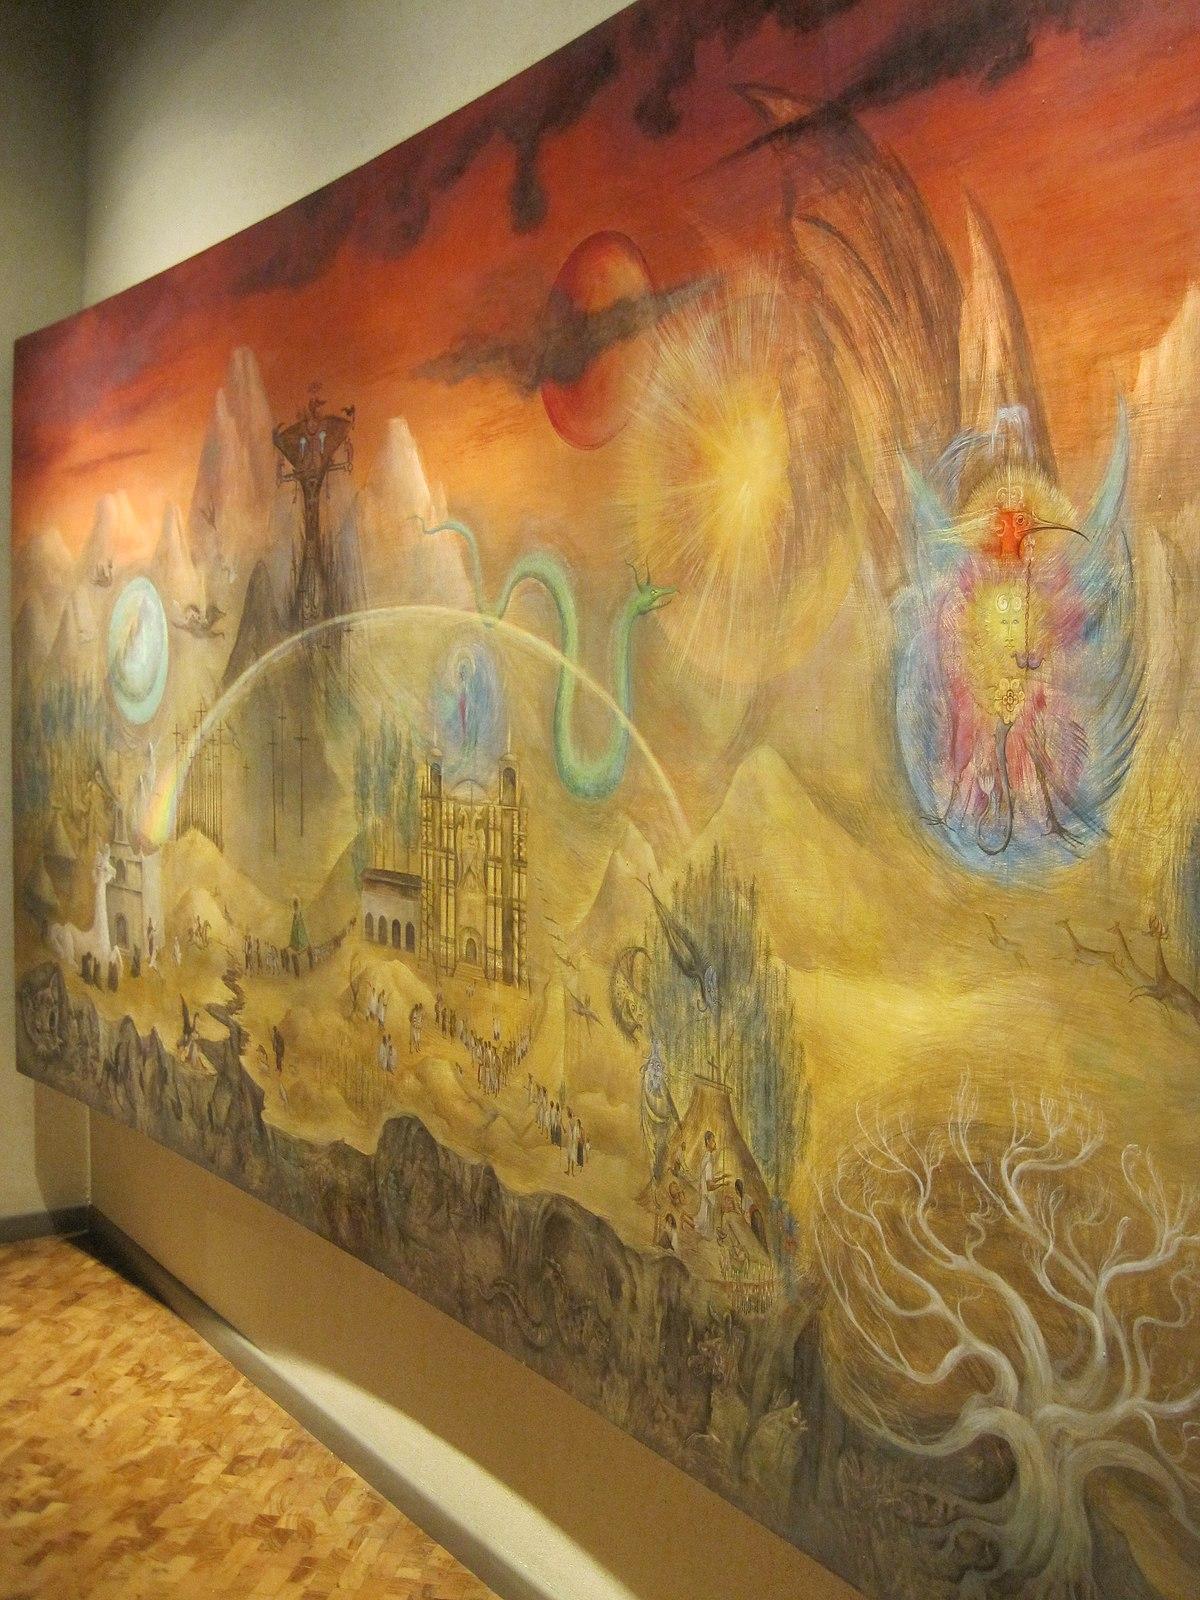 El mundo mágico de los mayas - Wikipedia, la enciclopedia